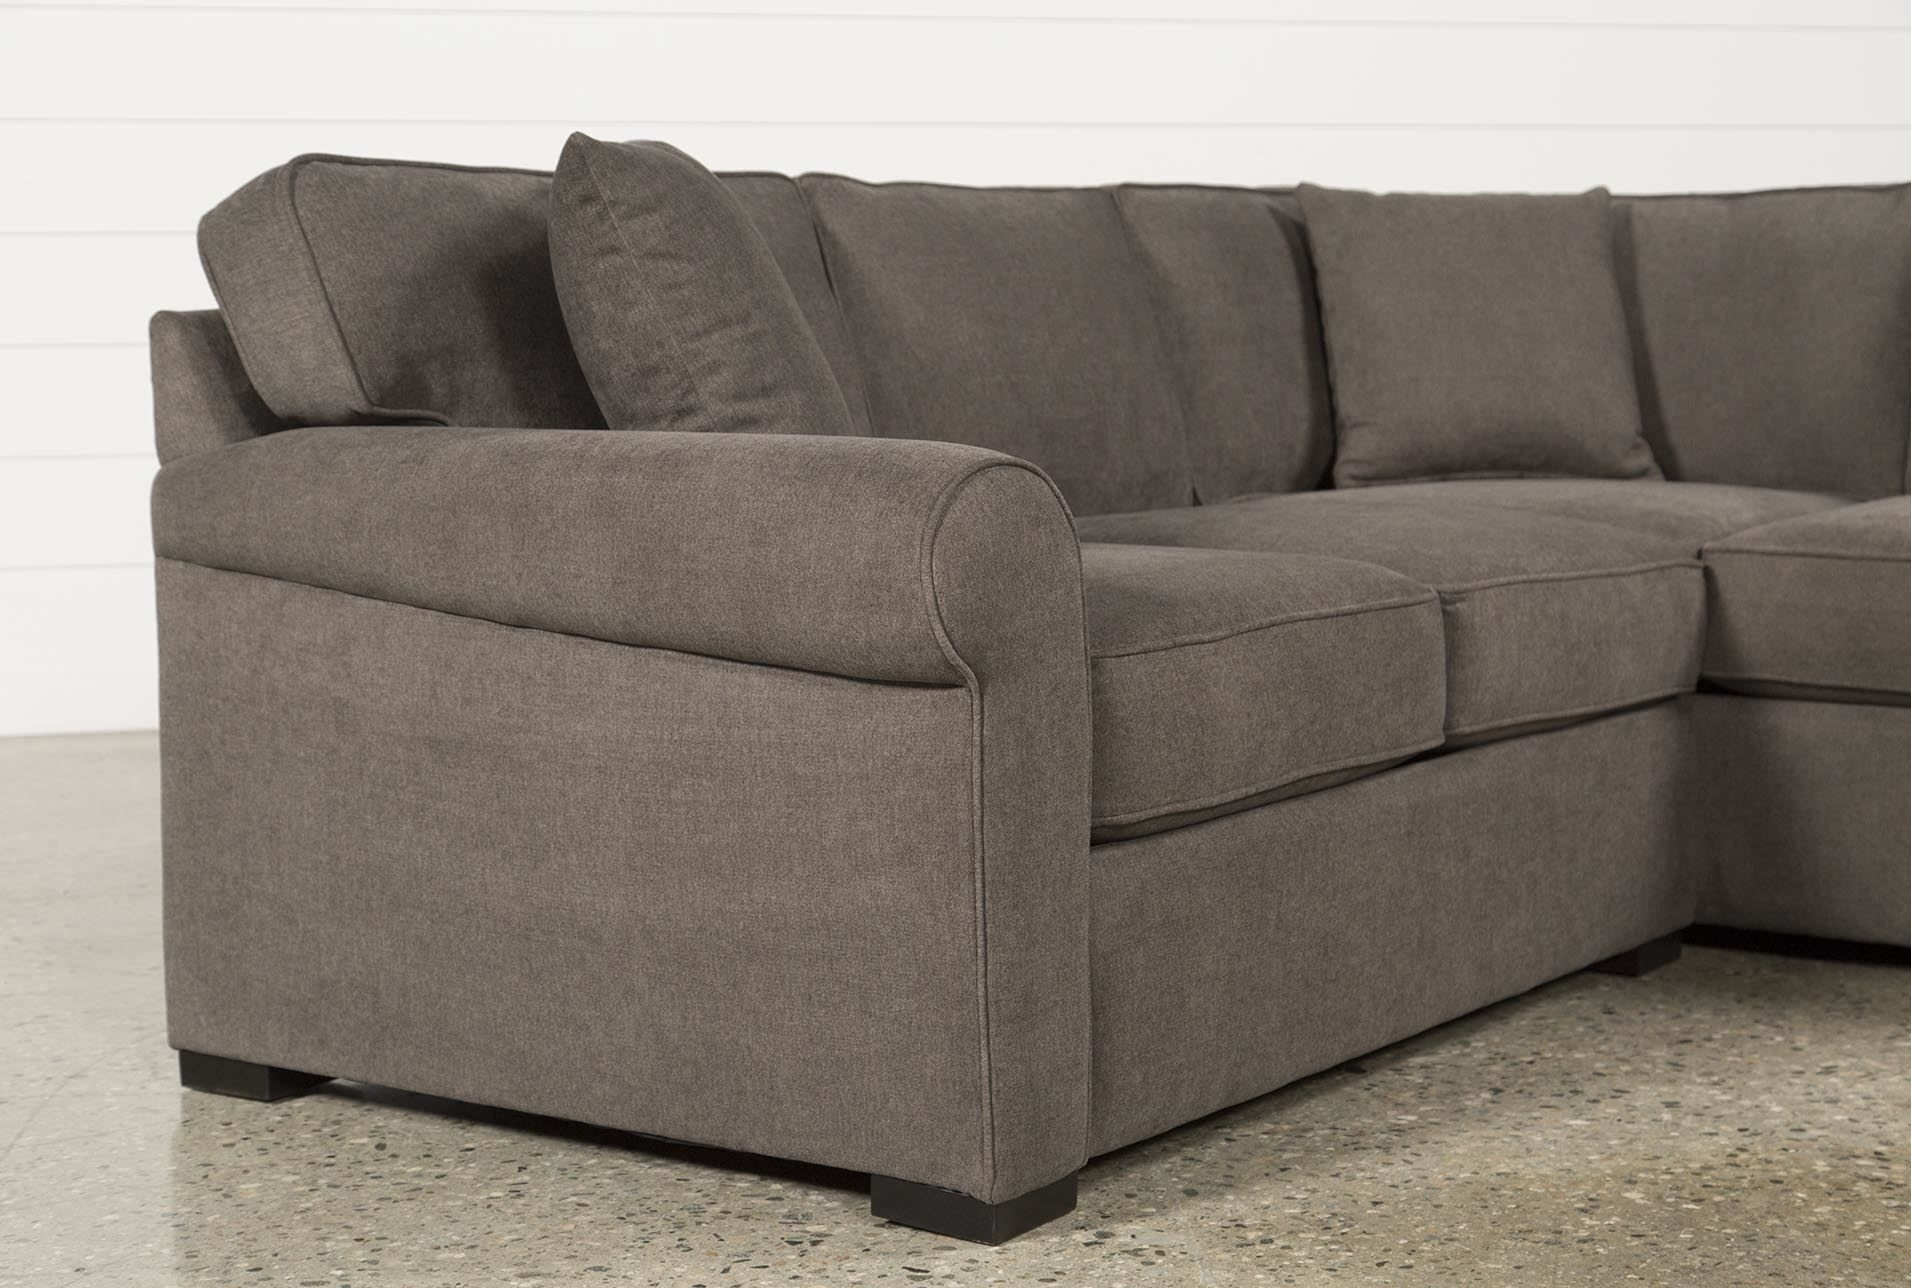 Elm Grande 2 Piece Sectional, Grey, Sofas | Room Inspiration With Elm Grande Ii 2 Piece Sectionals (Image 18 of 25)